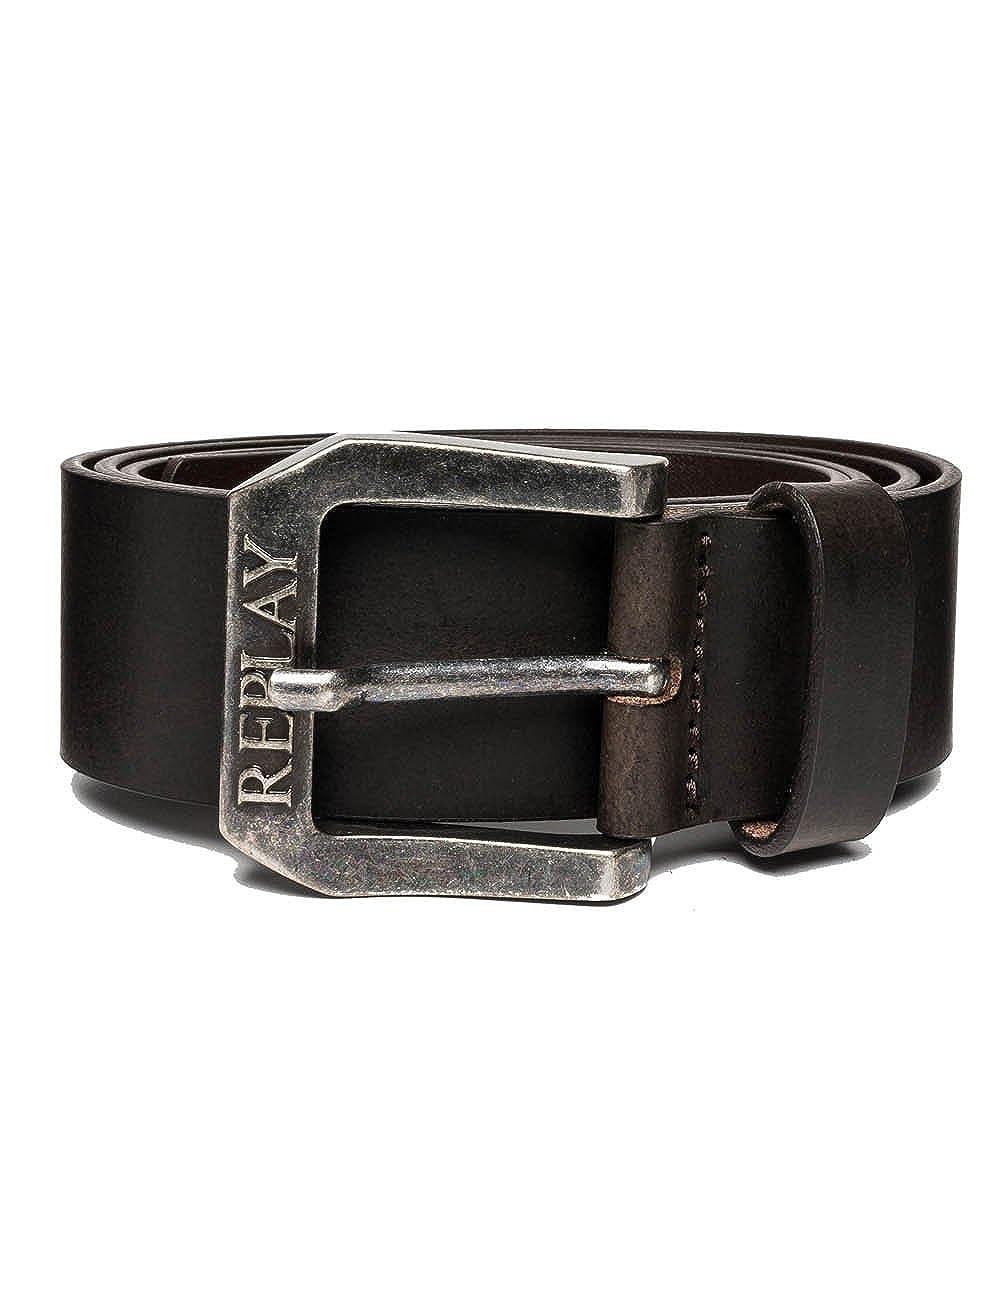 Replay Embossed Buckle Mens Leather Belt Black